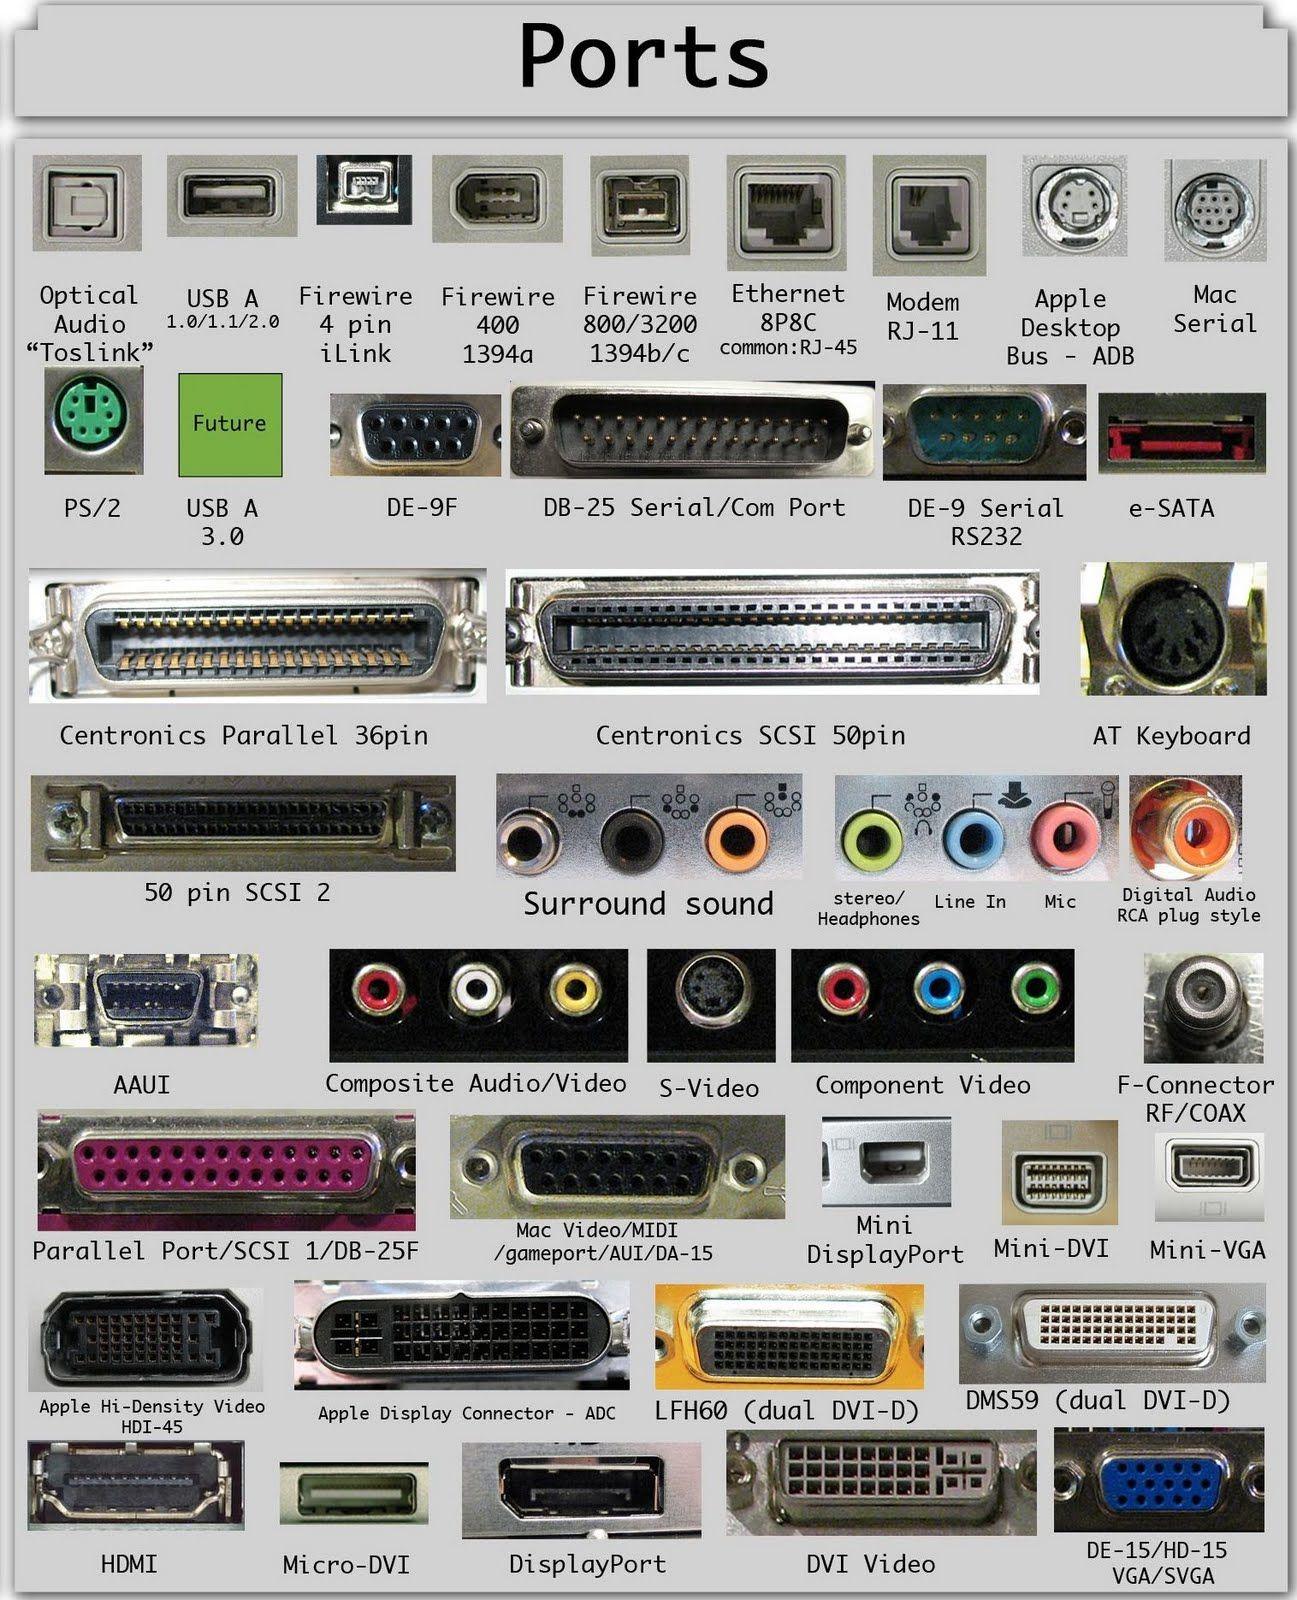 Puertos Parte De Las Unidades Entrada Y O Salida Donde Se Wiring Diagram Composite Video Cable To 15hd And S Conectan Los Dispositivos Perifricos Como El Mouse Impresora Etc